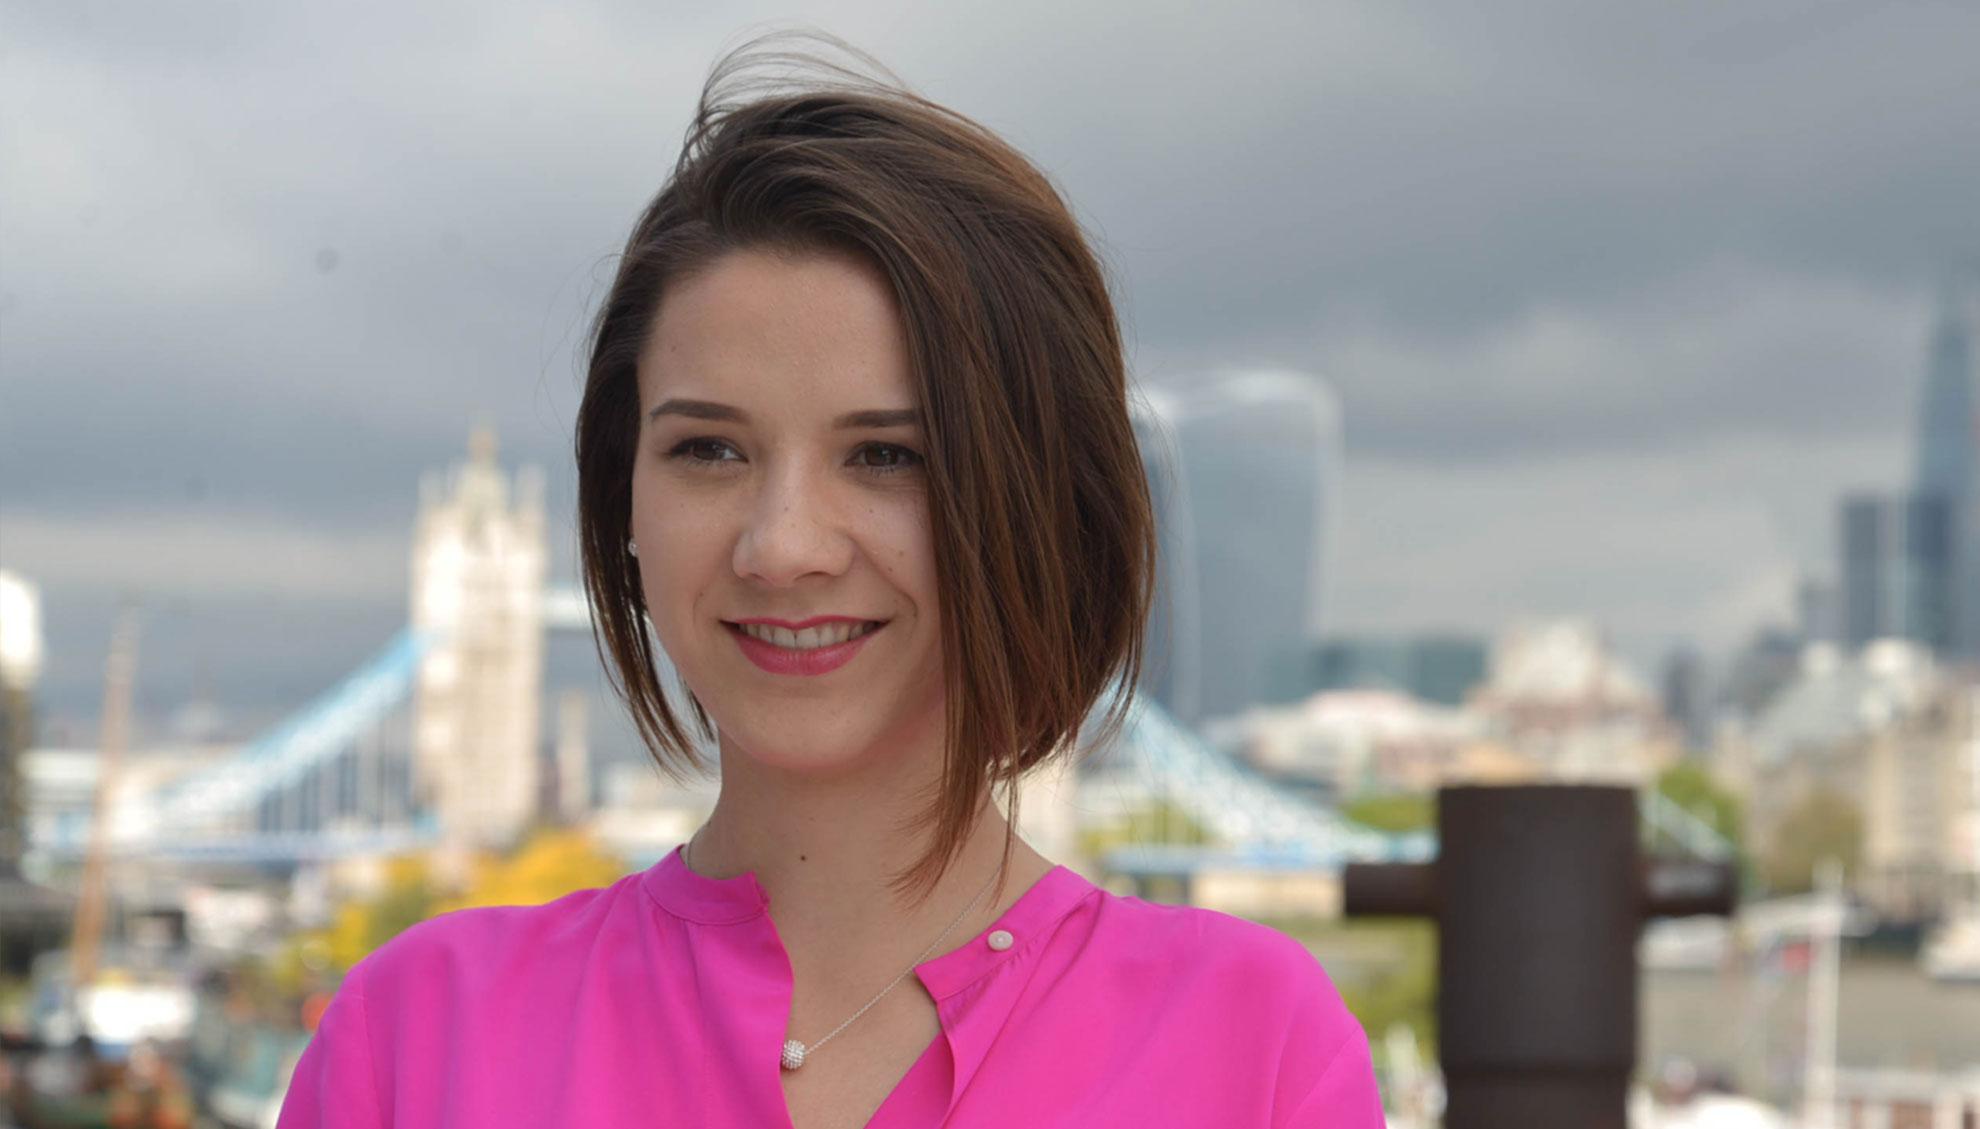 Alexandra Catana